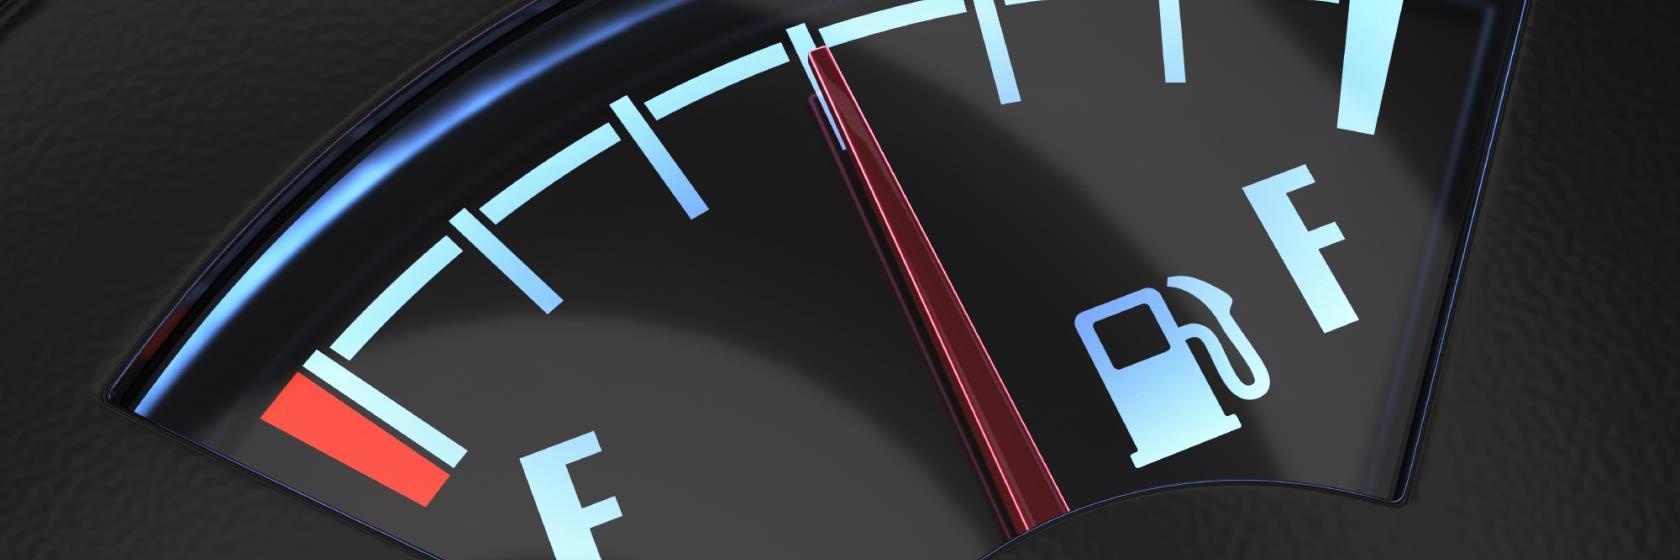 Первоклассные системы внутри и снаружи топливного бака